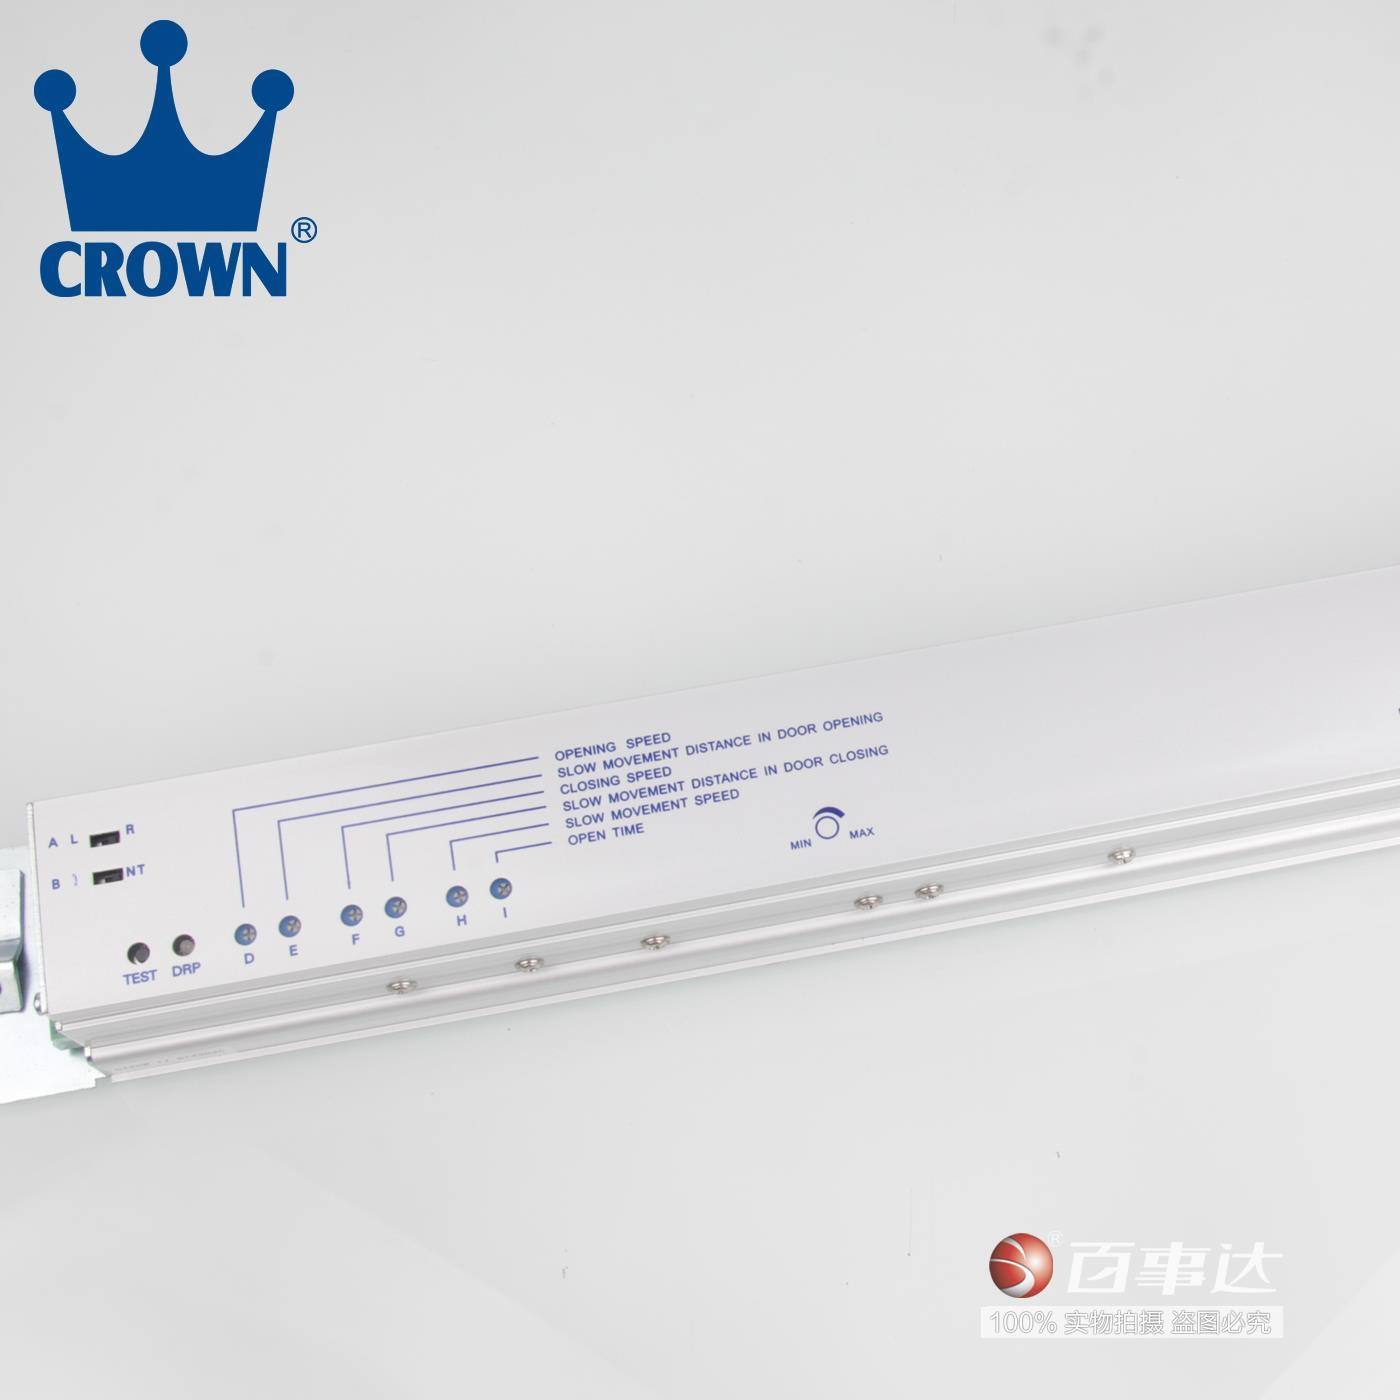 武汉皇冠原装自动门HG-118T报价